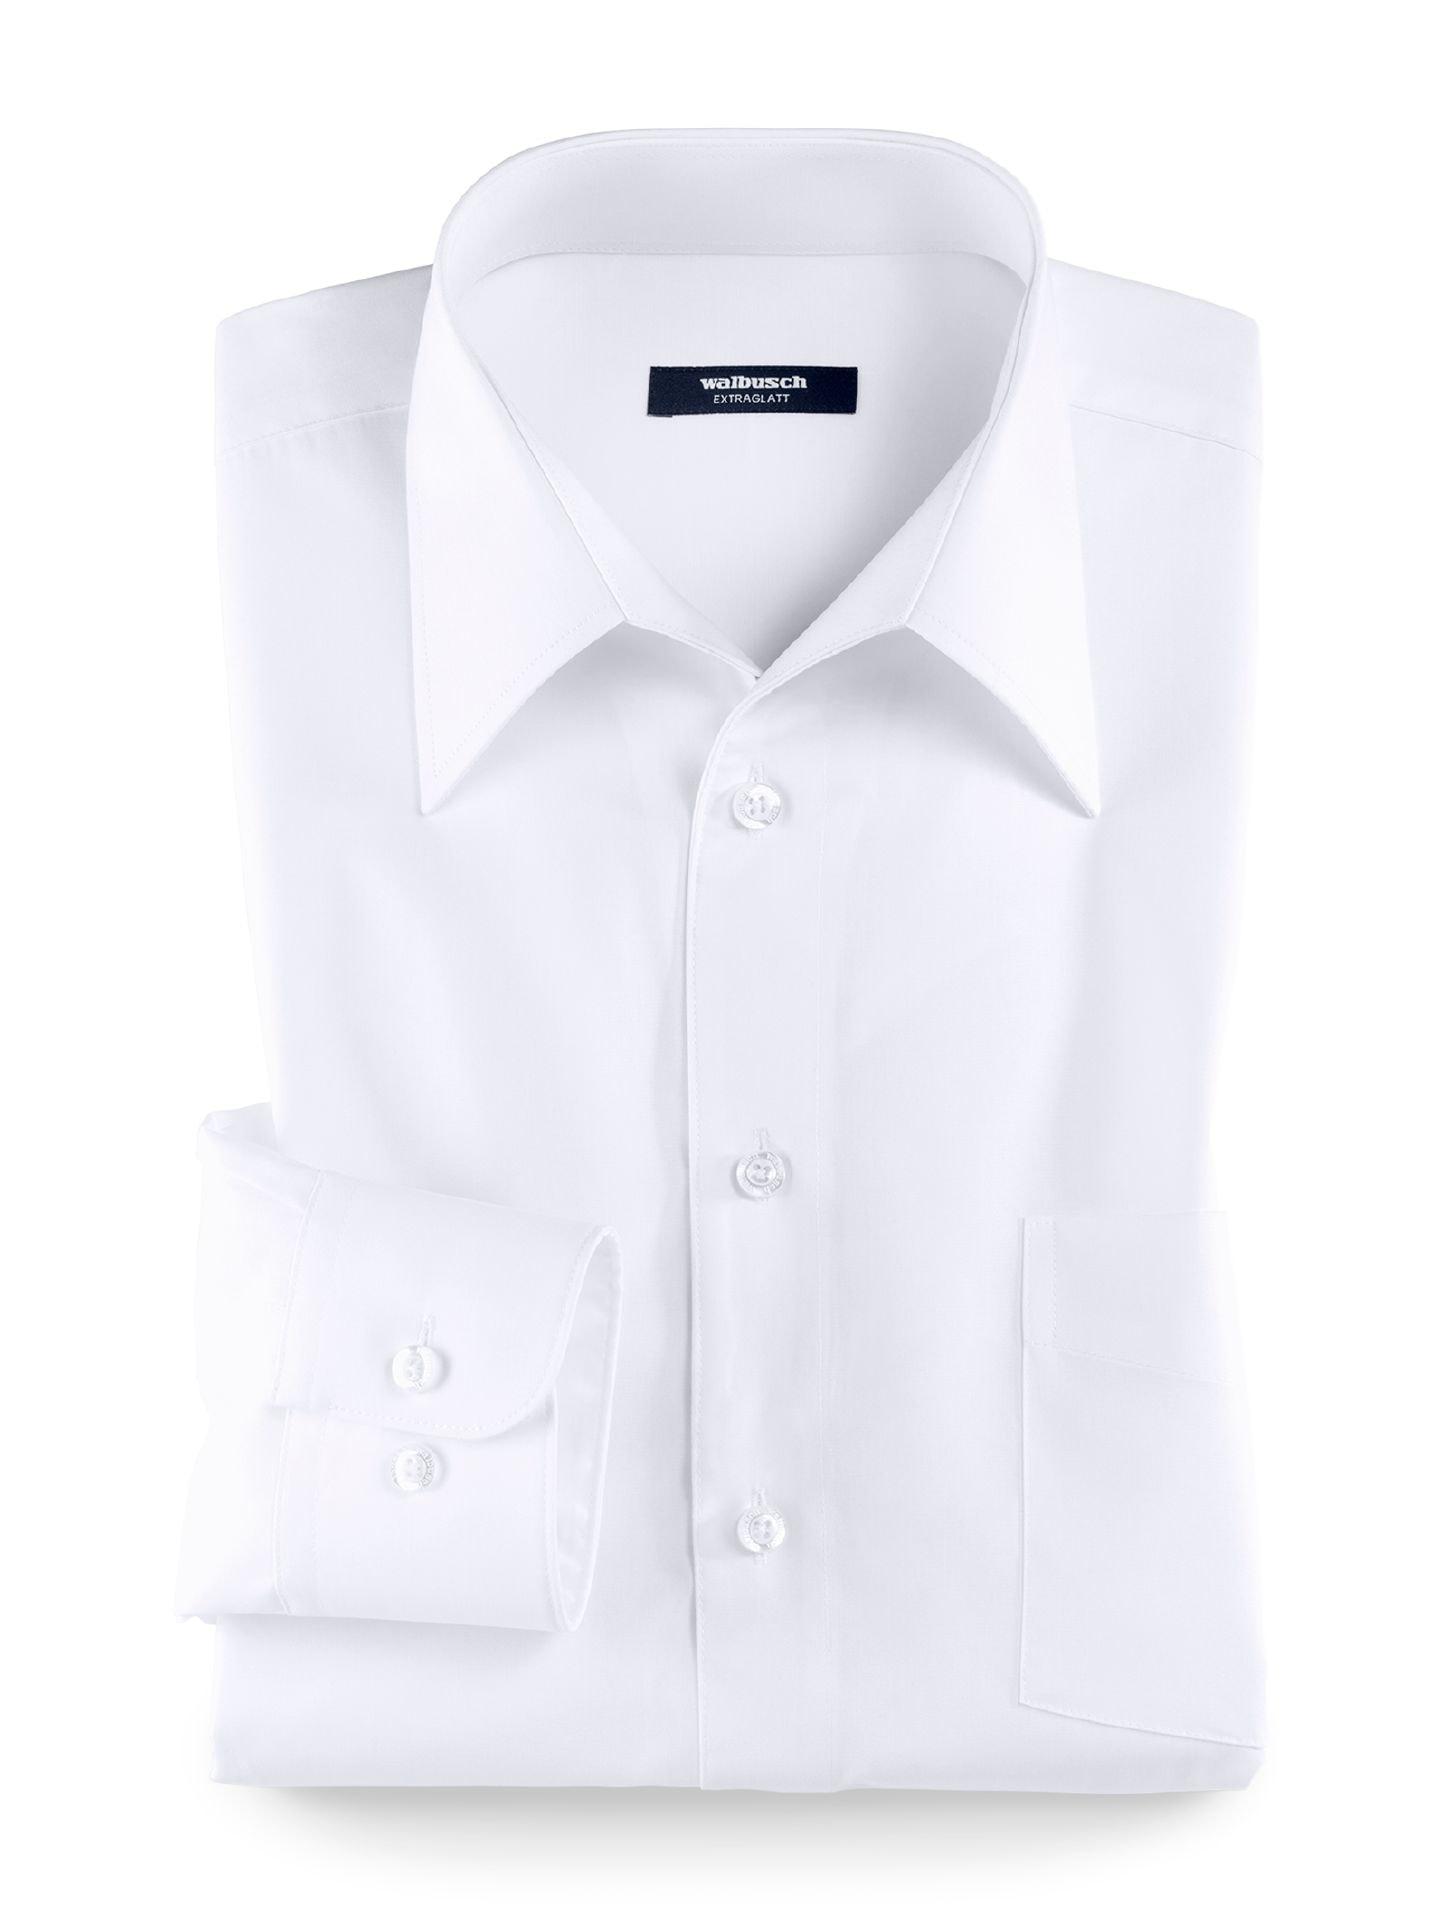 Weißes Hemd mit Walbusch-Kragen und Manschettenknöpfen